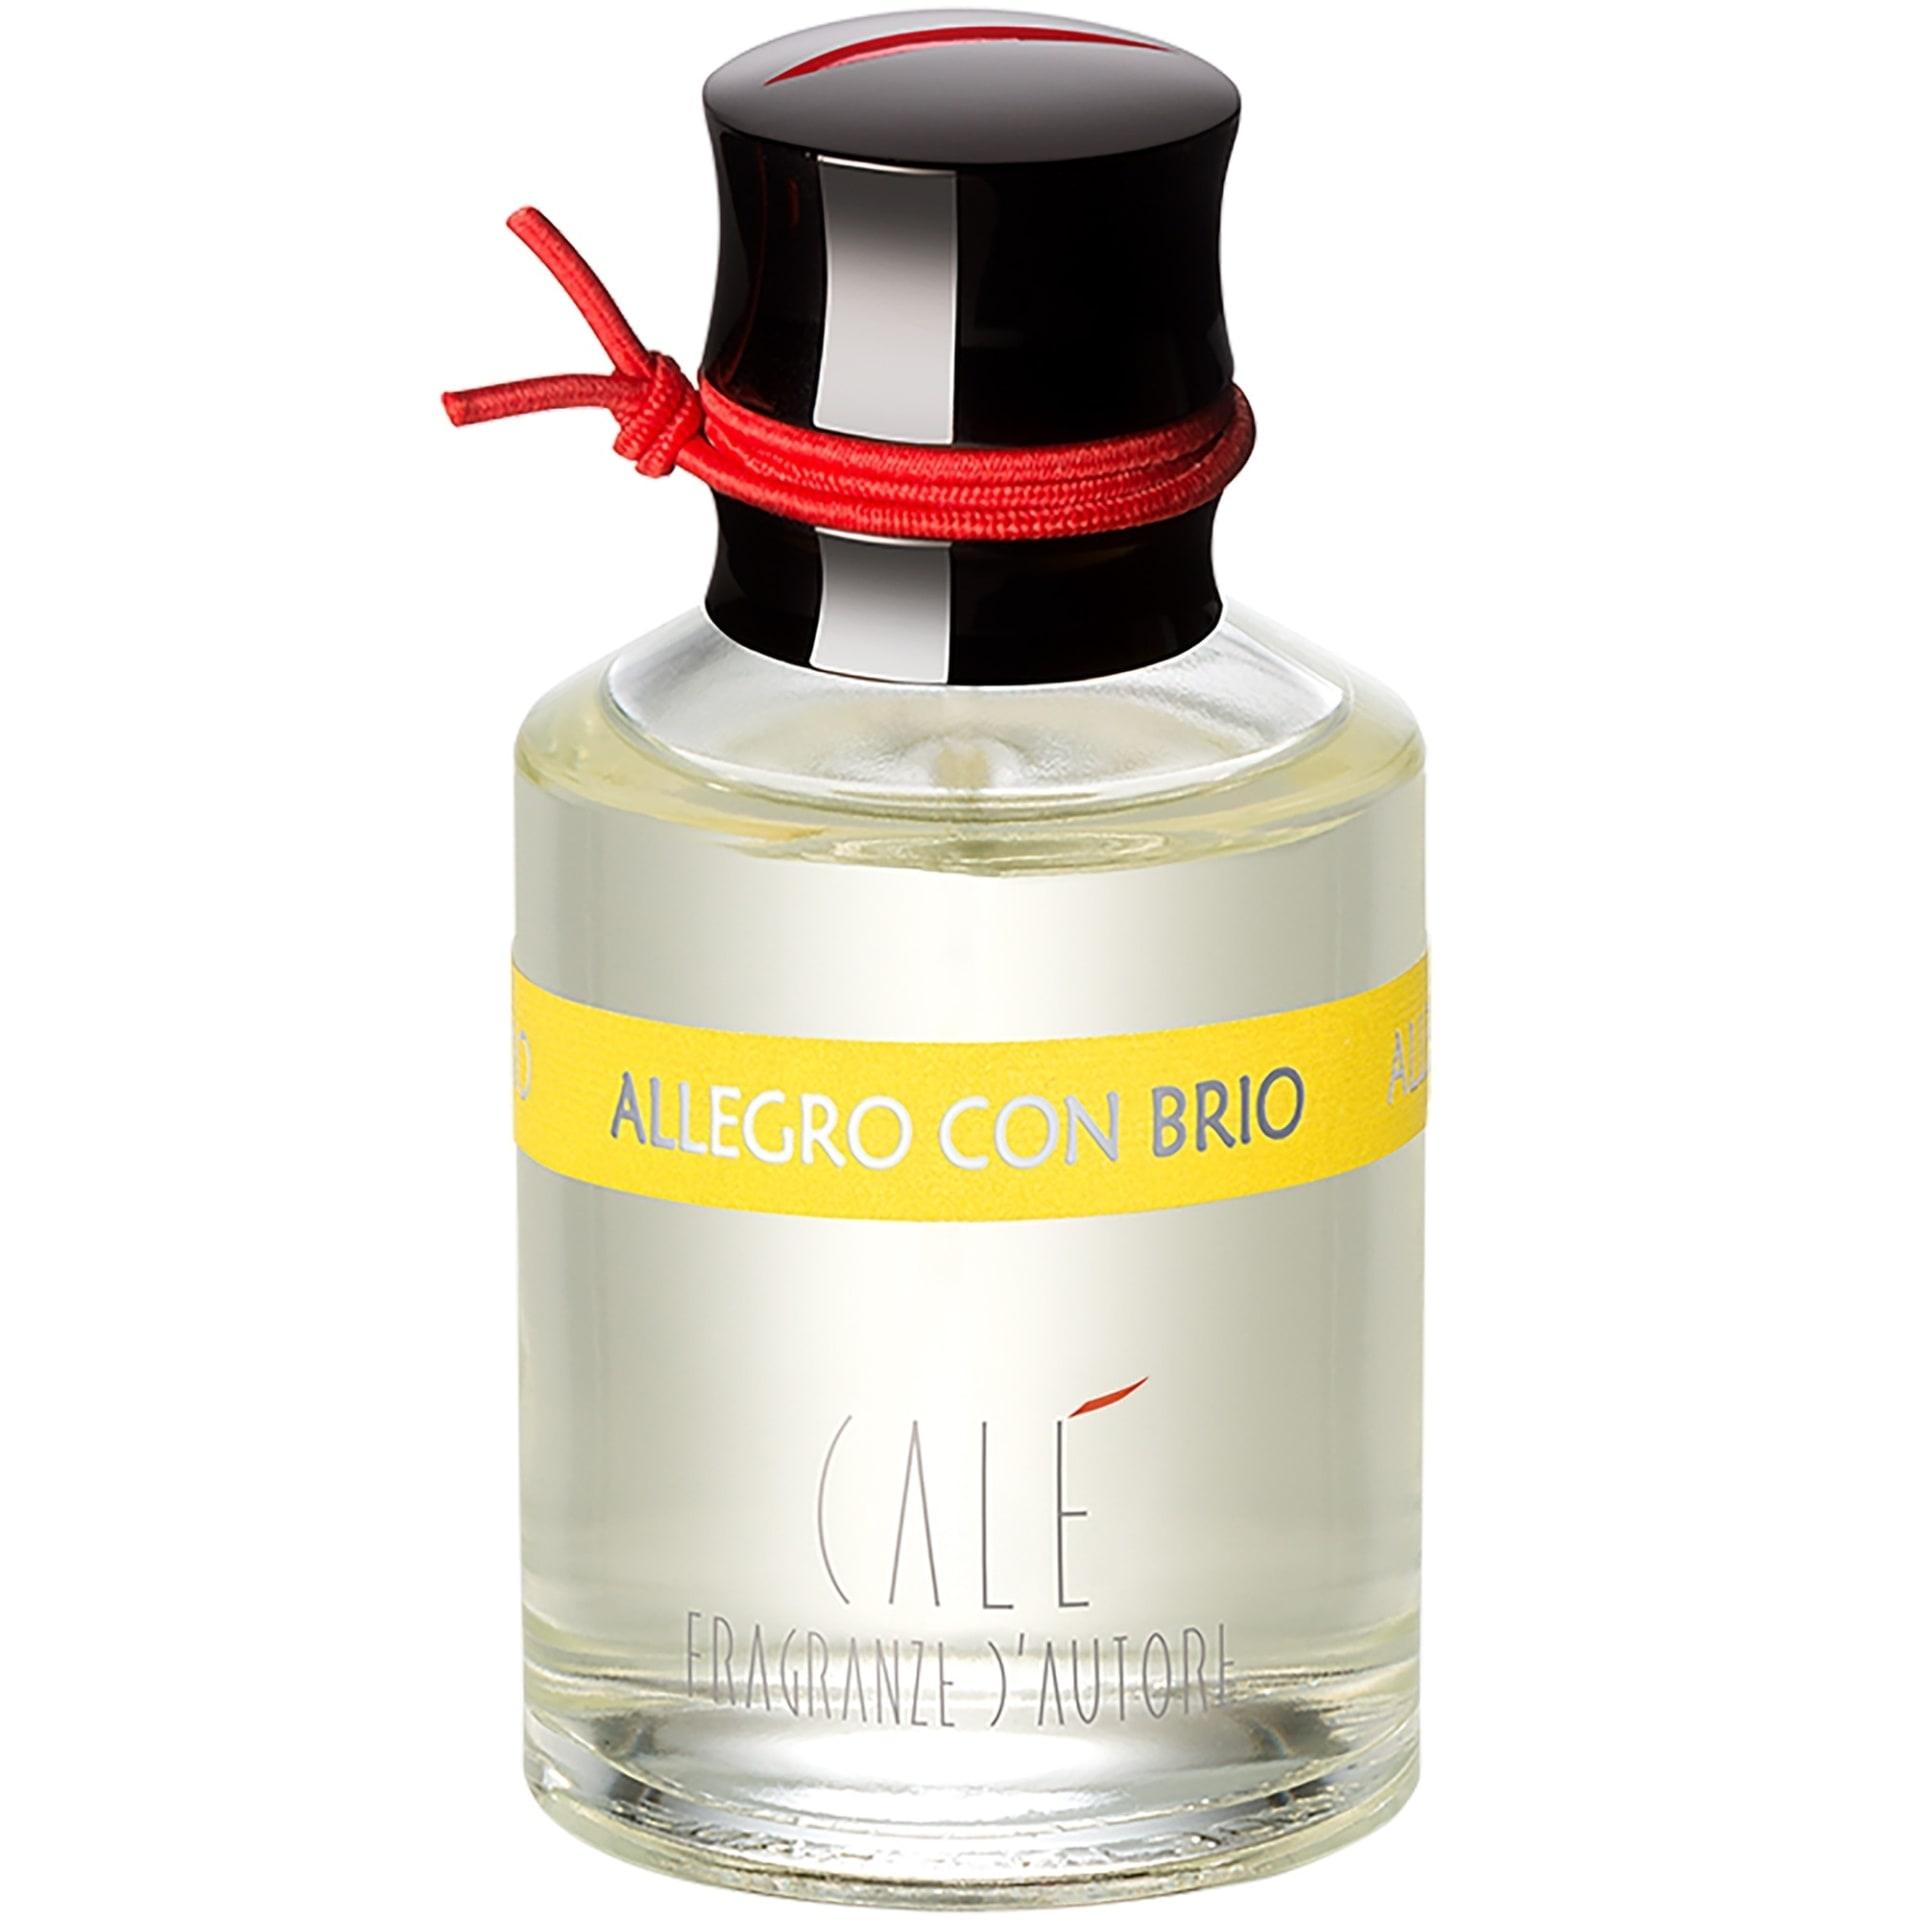 cale-fragranze-dautore-allegro-con-brio-4